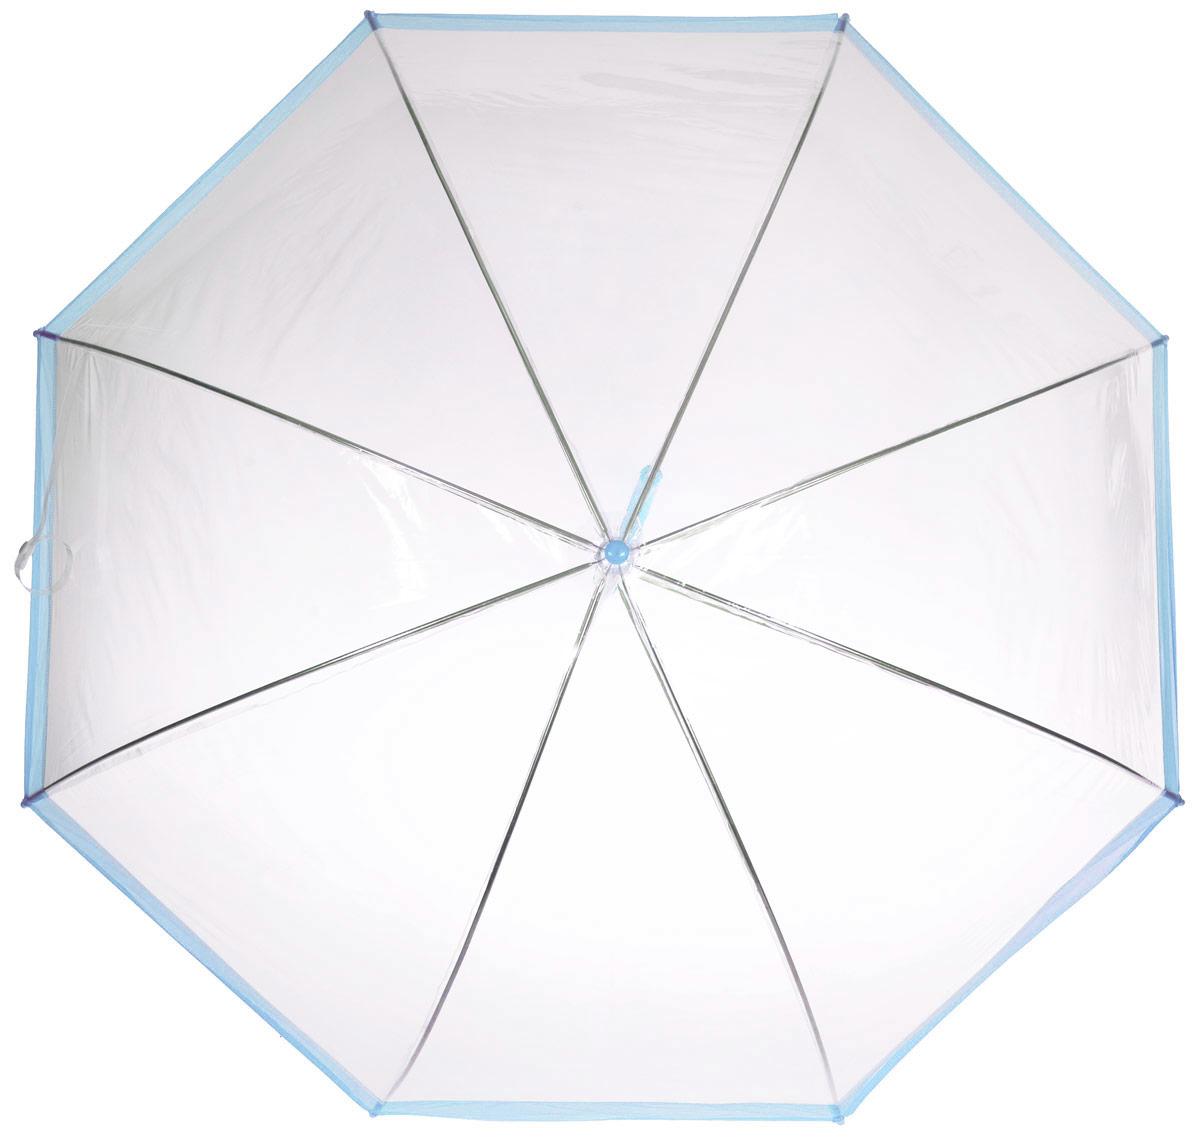 Зонт-трость женский Эврика, механика, цвет: прозрачный, голубой. 9429294292Оригинальный и элегантный женский зонт-трость Эврика порадует своим оформлением даже в ненастную погоду. Зонт состоит из восьми спиц и стержня выполненных из качественного металла. Купол выполнен из качественного ПВХ, который не пропускает воду. Зонт дополнен удобной пластиковой ручкой в виде крючка. Изделие имеет механический способ сложения: и купол, и стержень открываются и закрываются вручную до характерного щелчка. Зонт закрывается хлястиком на кнопку. Зонт имеет прозрачную текстуру, что позволяет видеть обстановку вокруг себя. Такой зонт не оставит вас незамеченной.